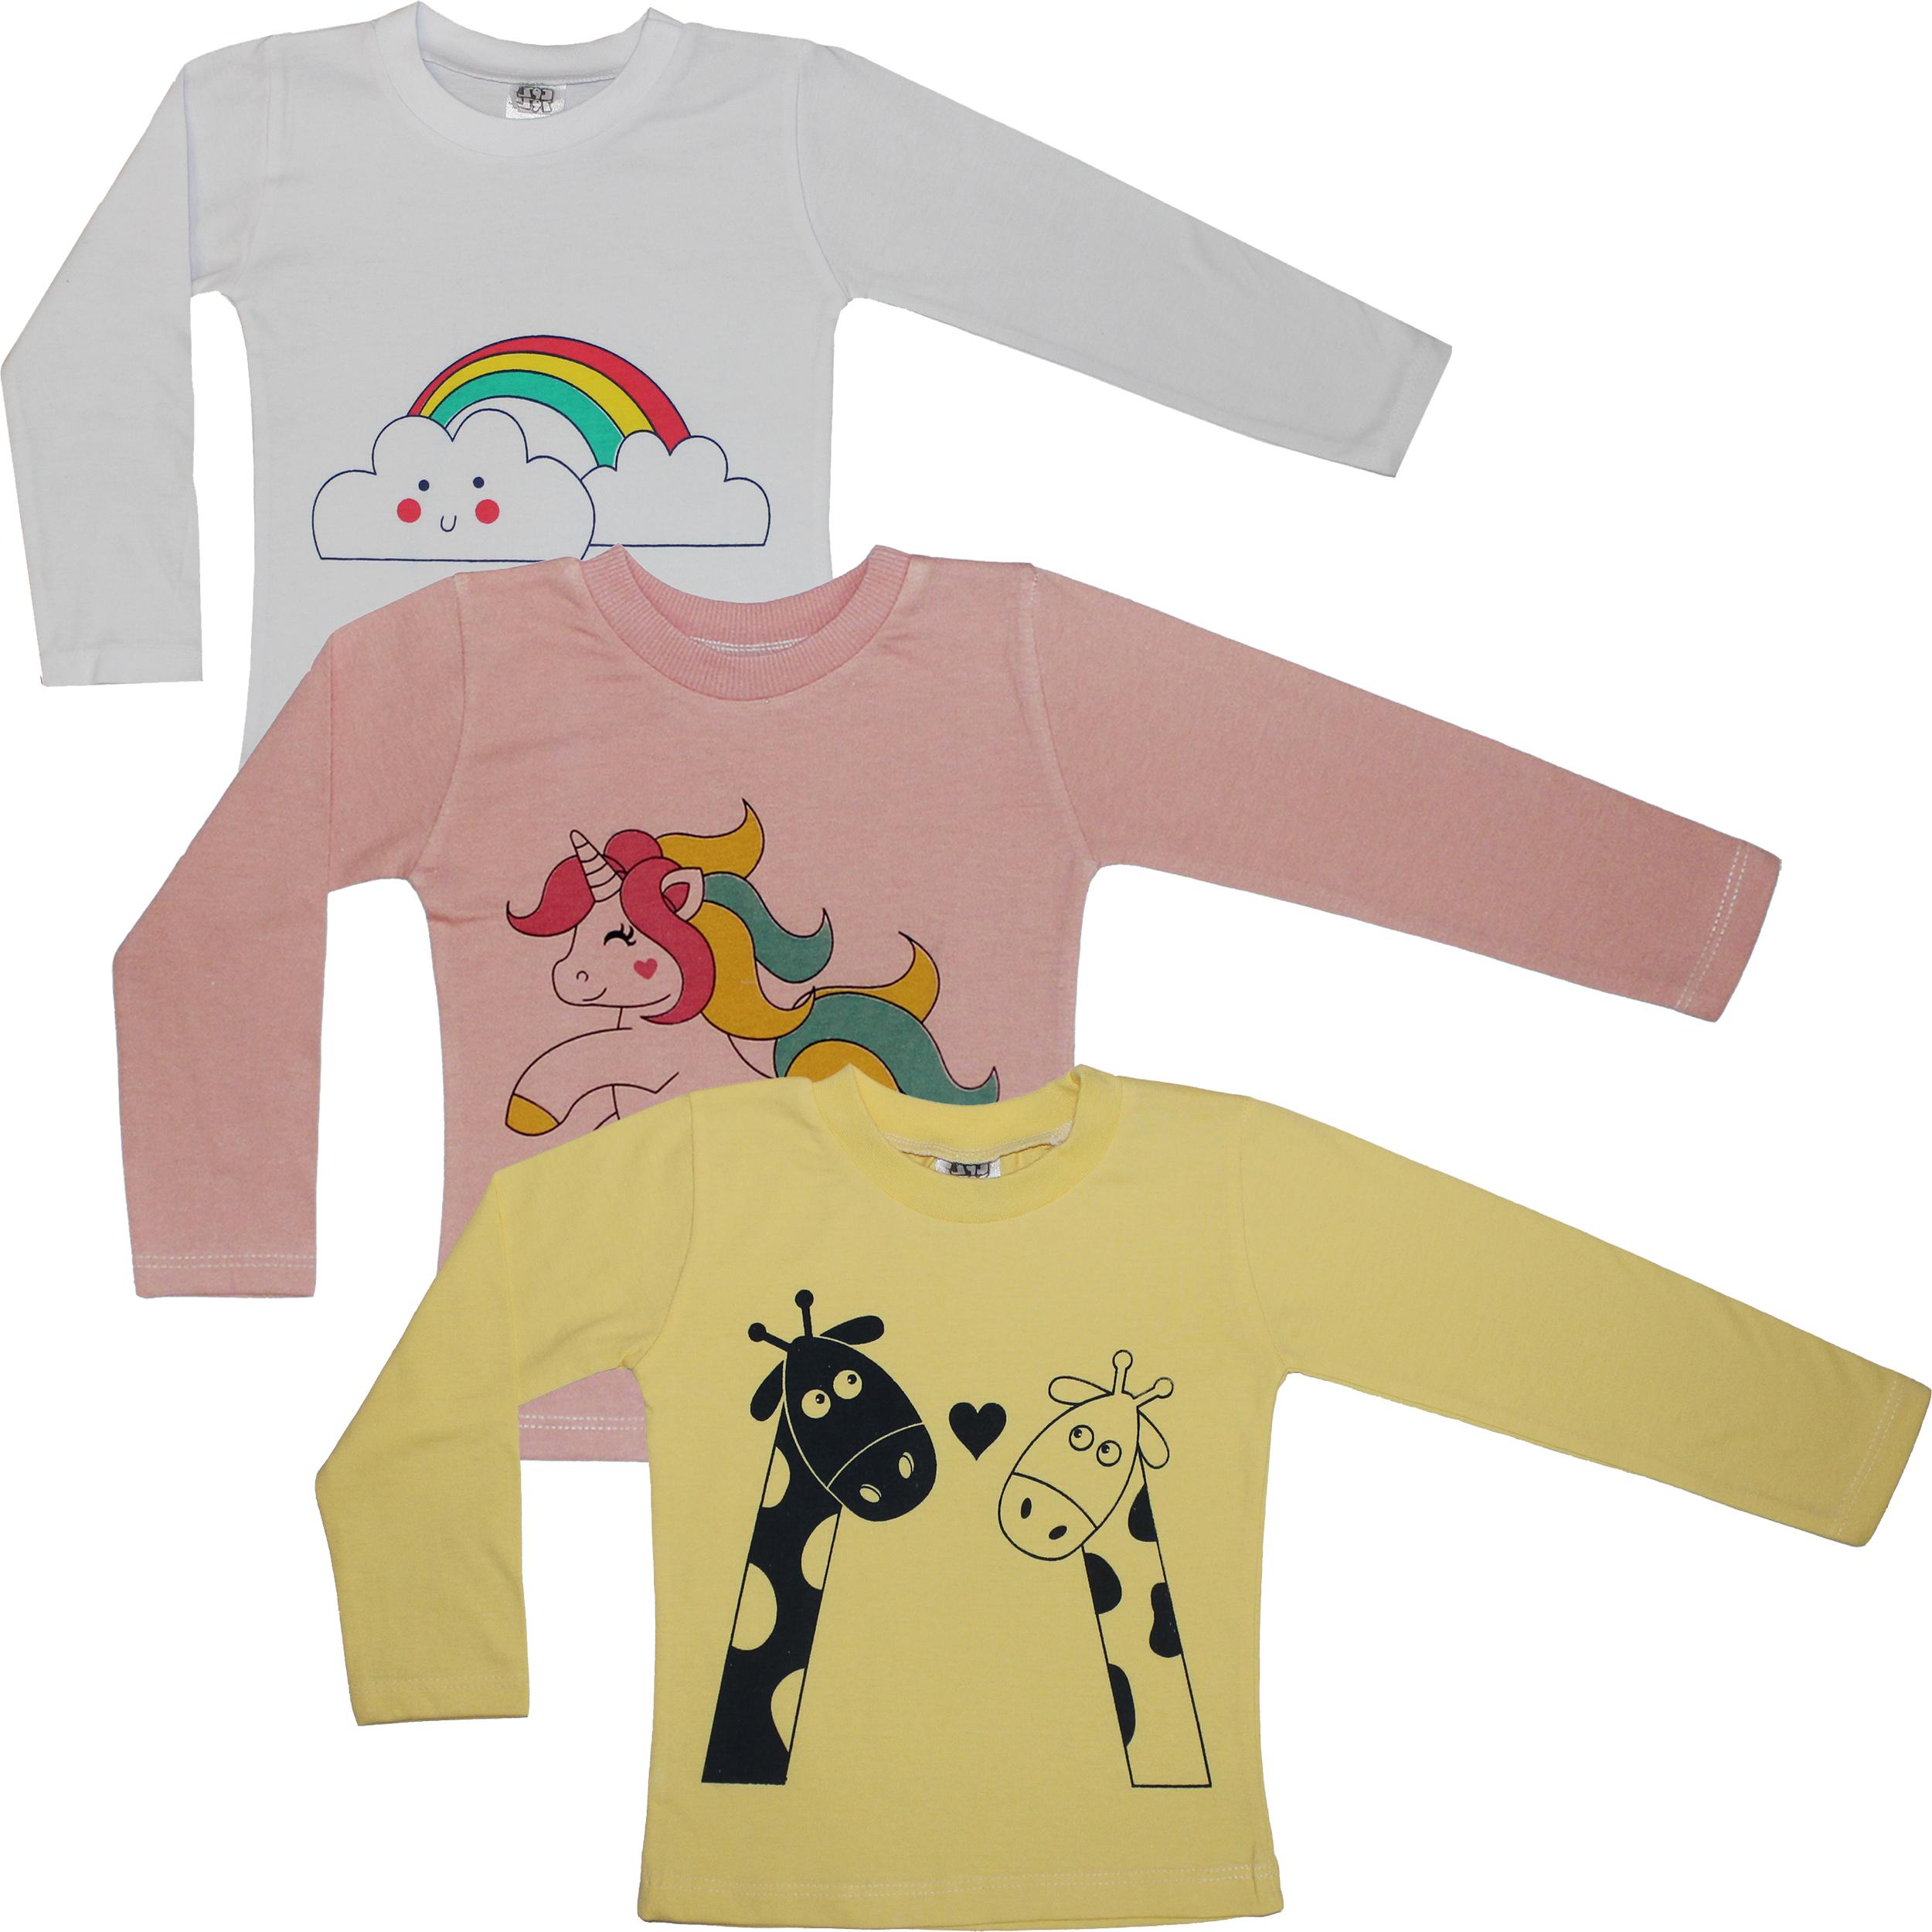 تی شرت آستین بلند نوزاد کد 02 مجموعه سه عددی